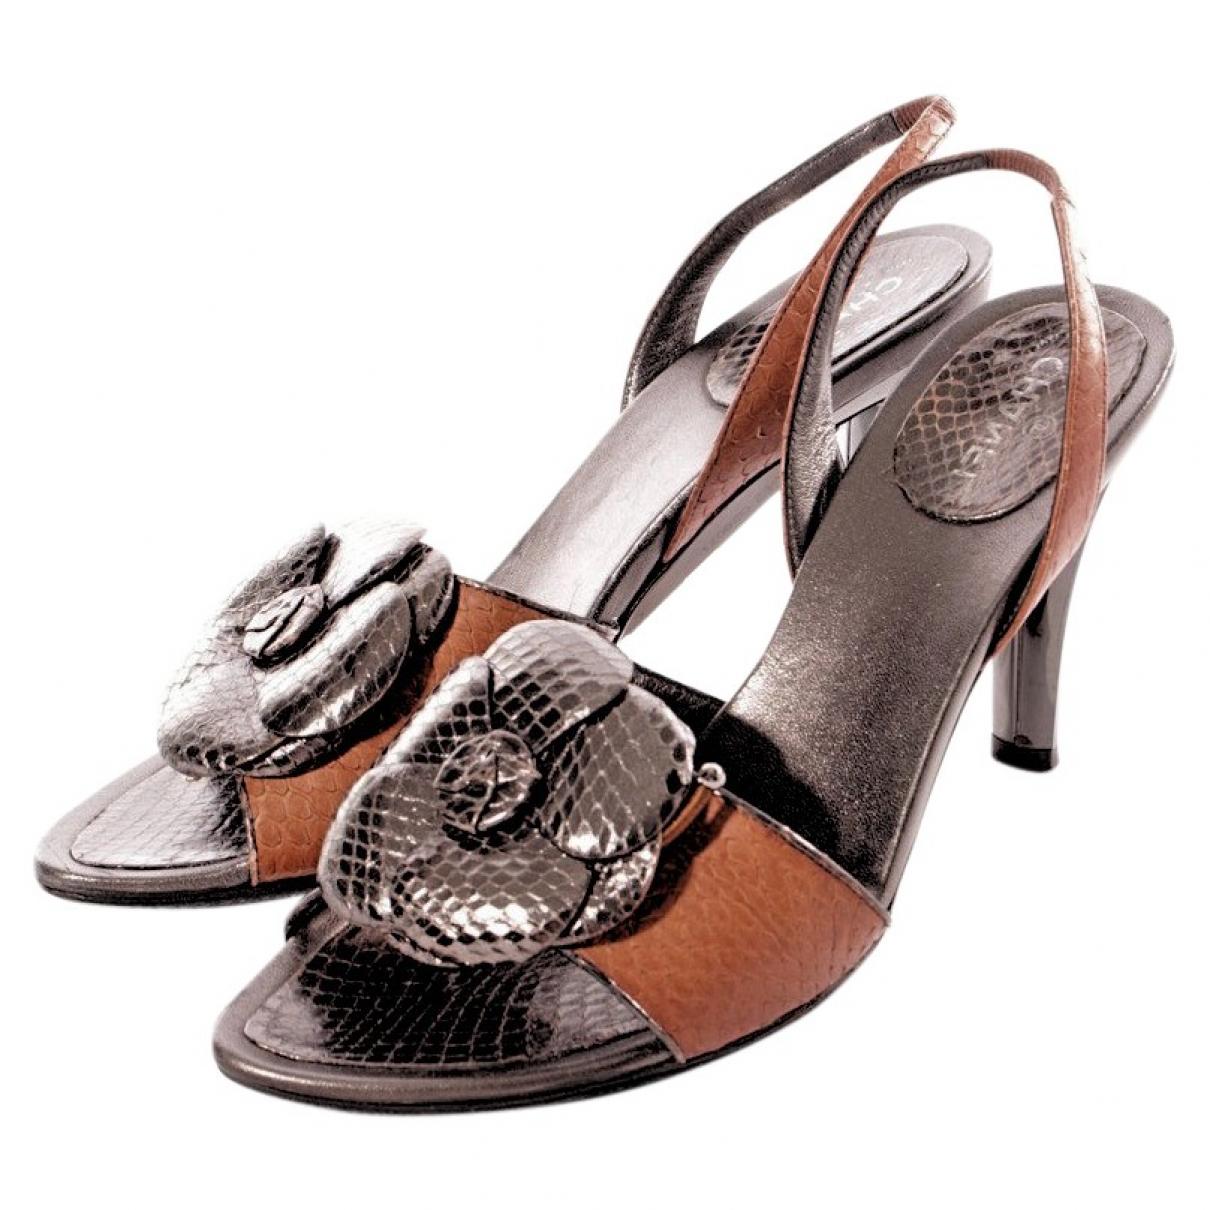 Sandalias romanas de Cueros exoticos Chanel